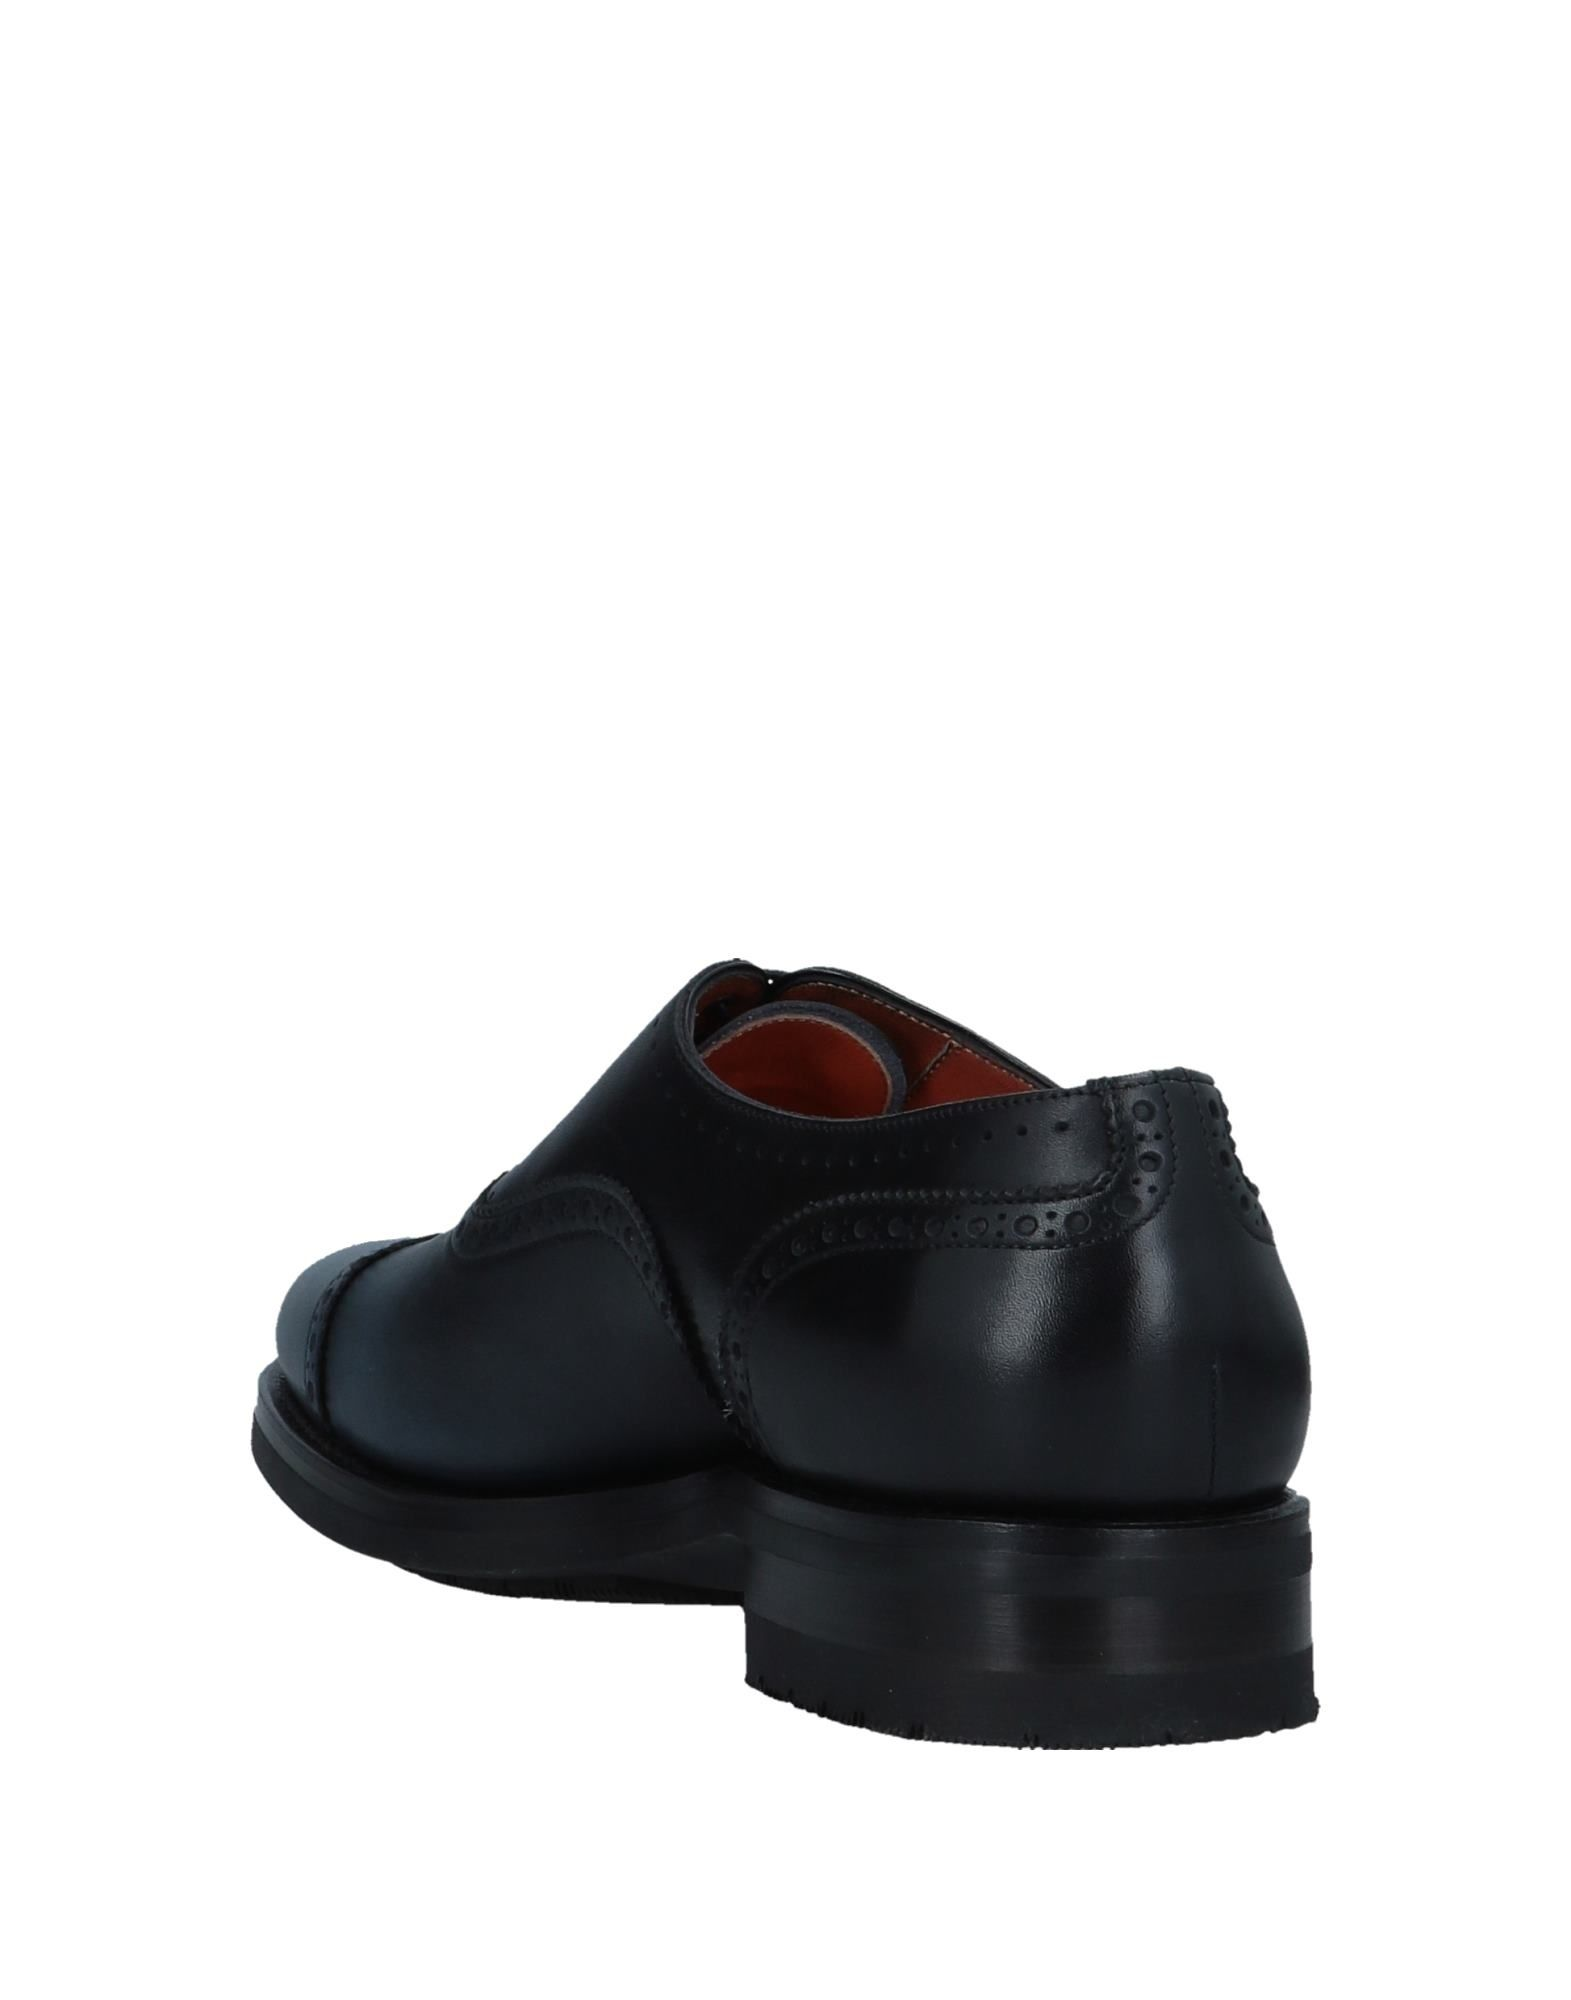 Santoni Schnürschuhe Herren  11541312BU Schuhe Gute Qualität beliebte Schuhe 11541312BU 829ea6